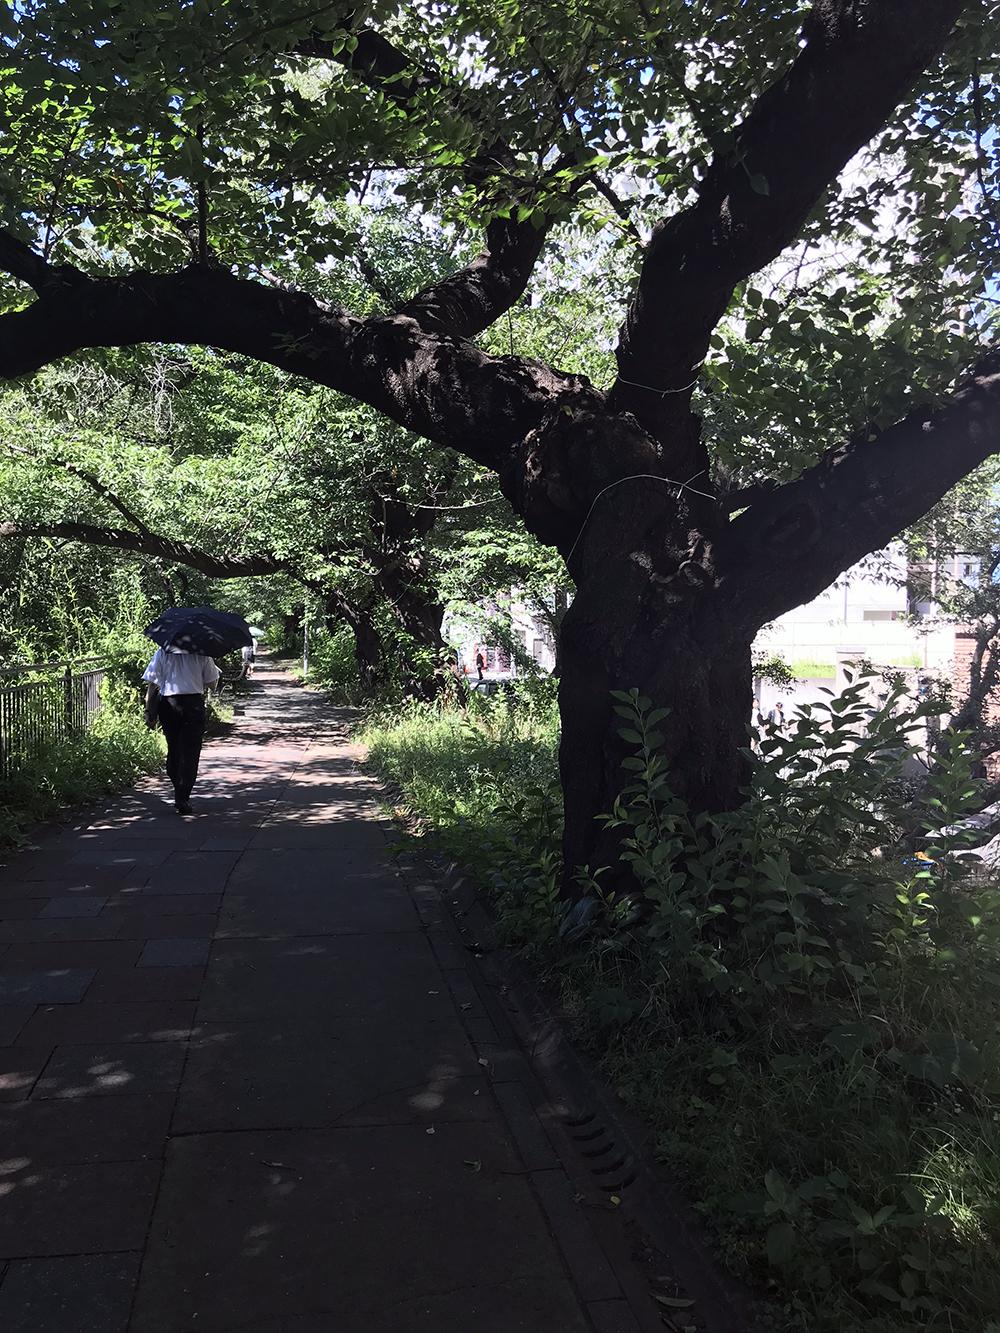 外濠公園内の木立に囲まれた道